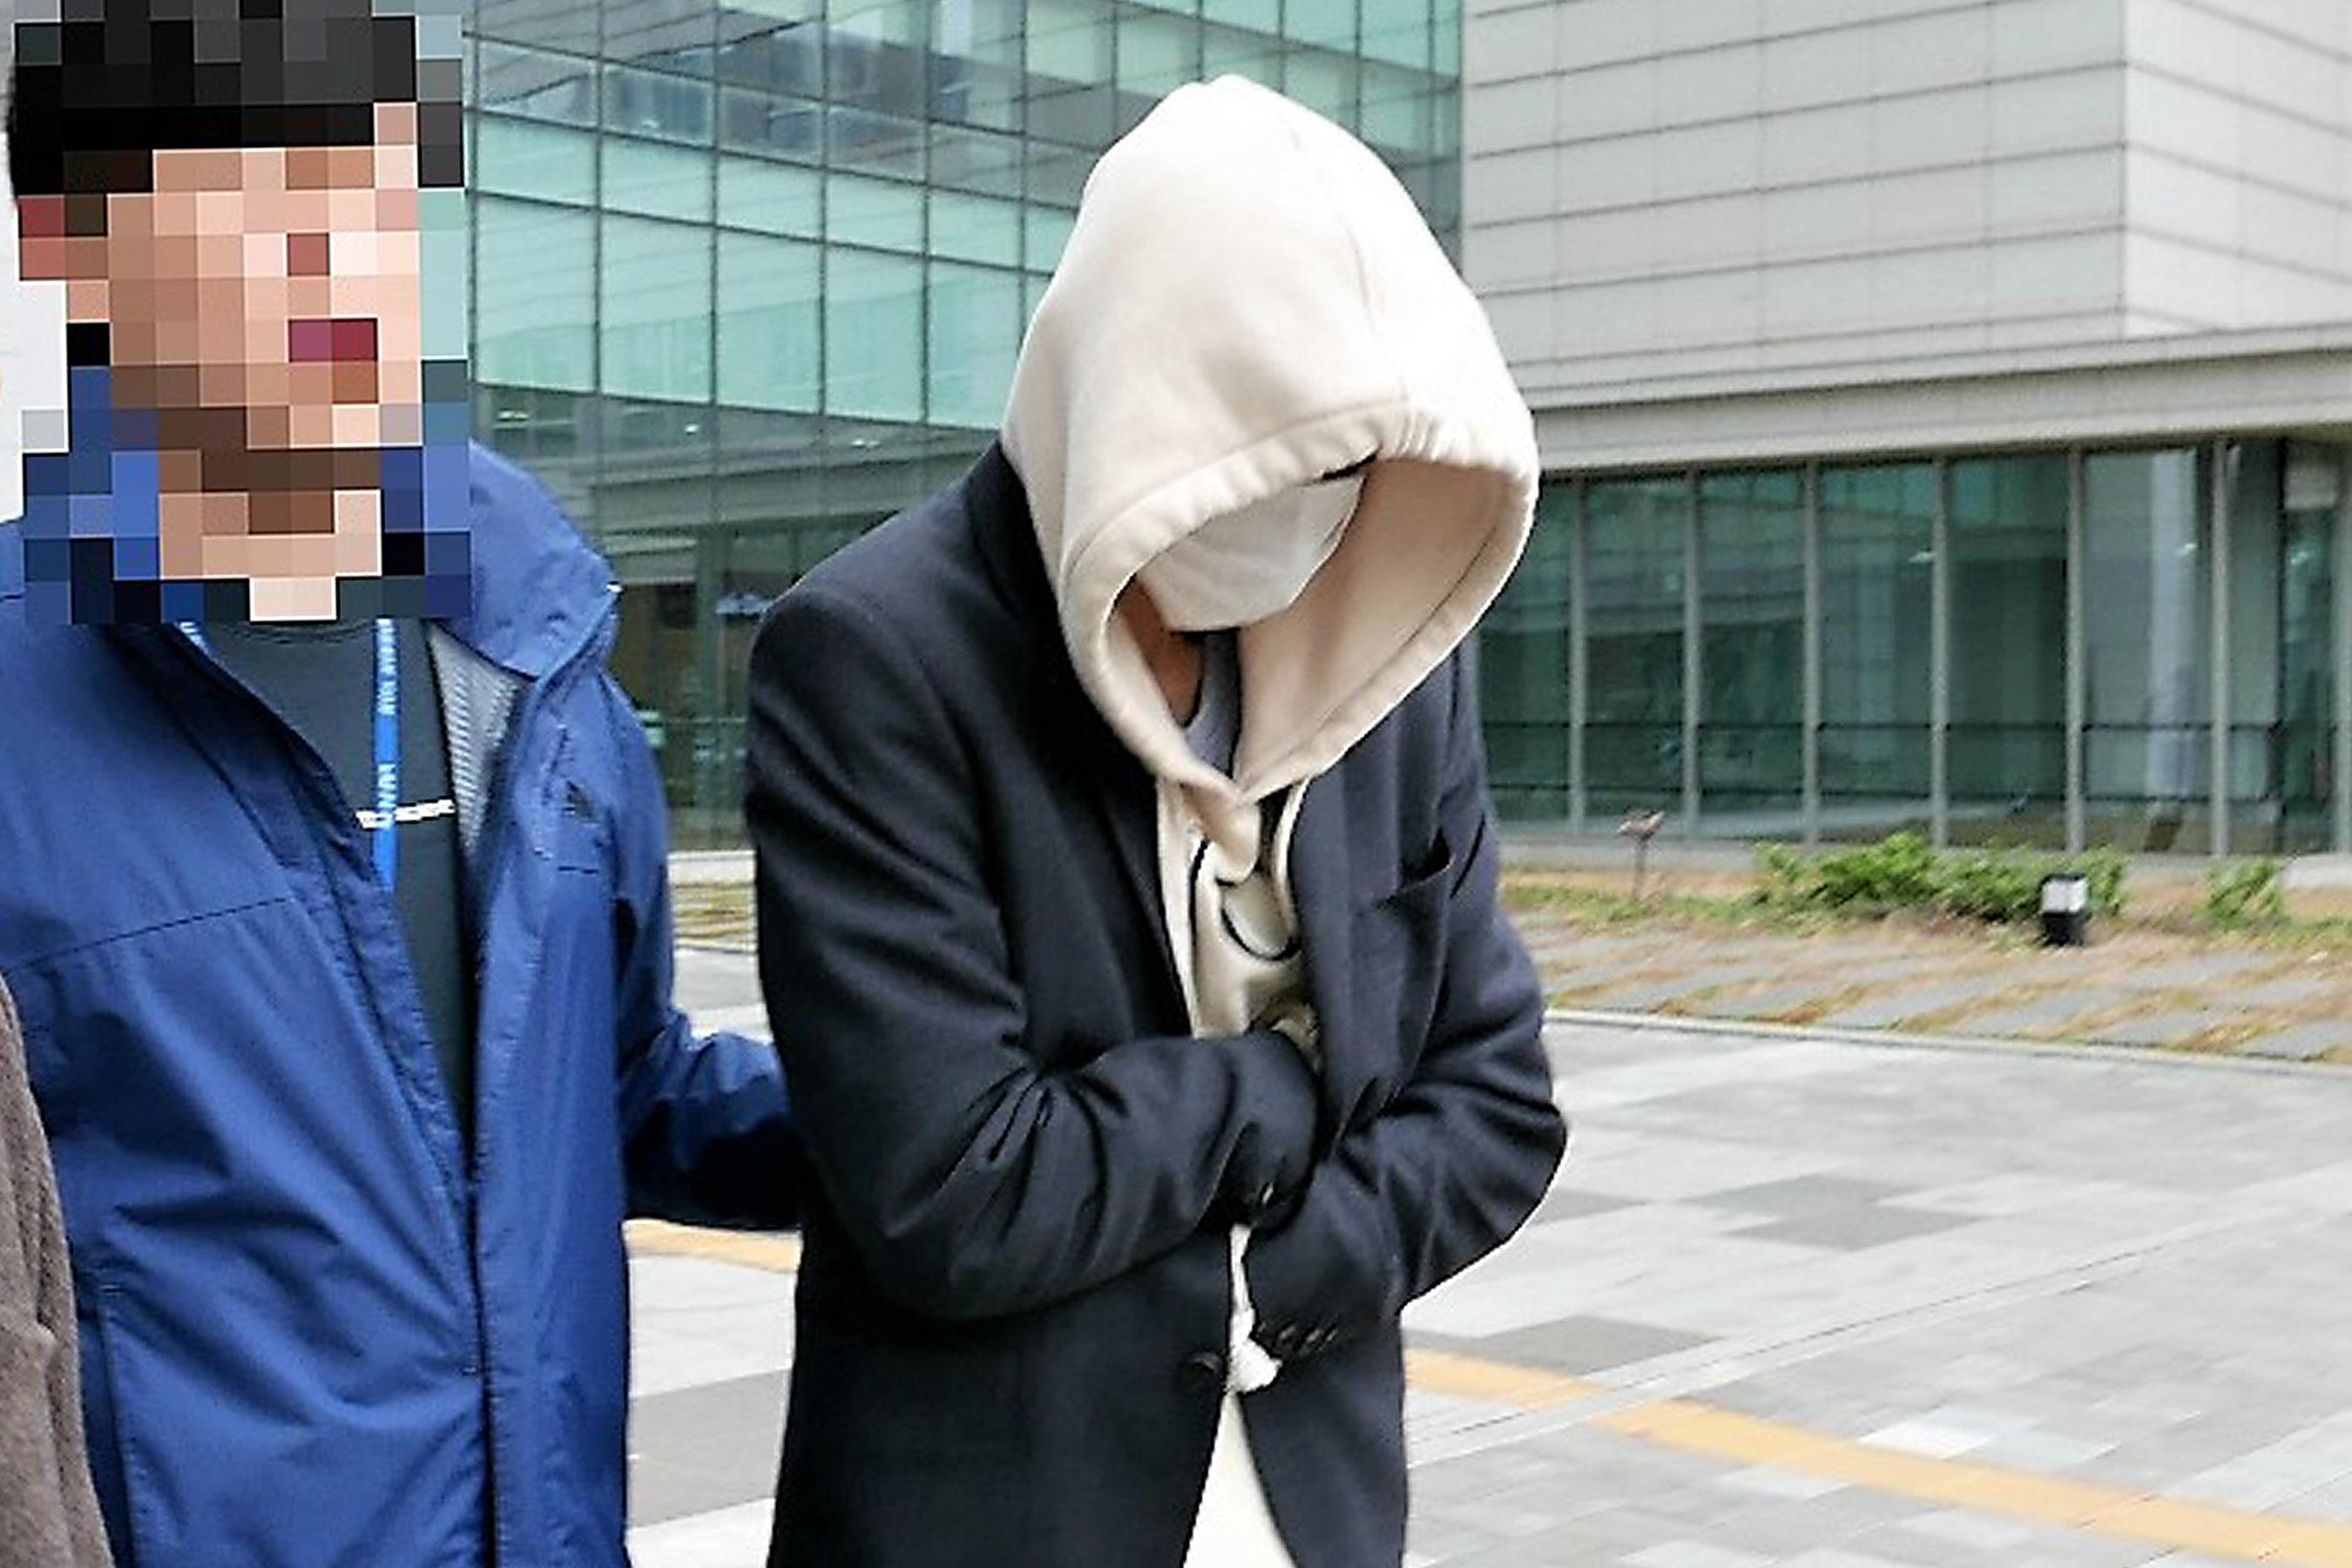 10년간 여성 34명 불법촬영한 모 제약회사 대표 아들이